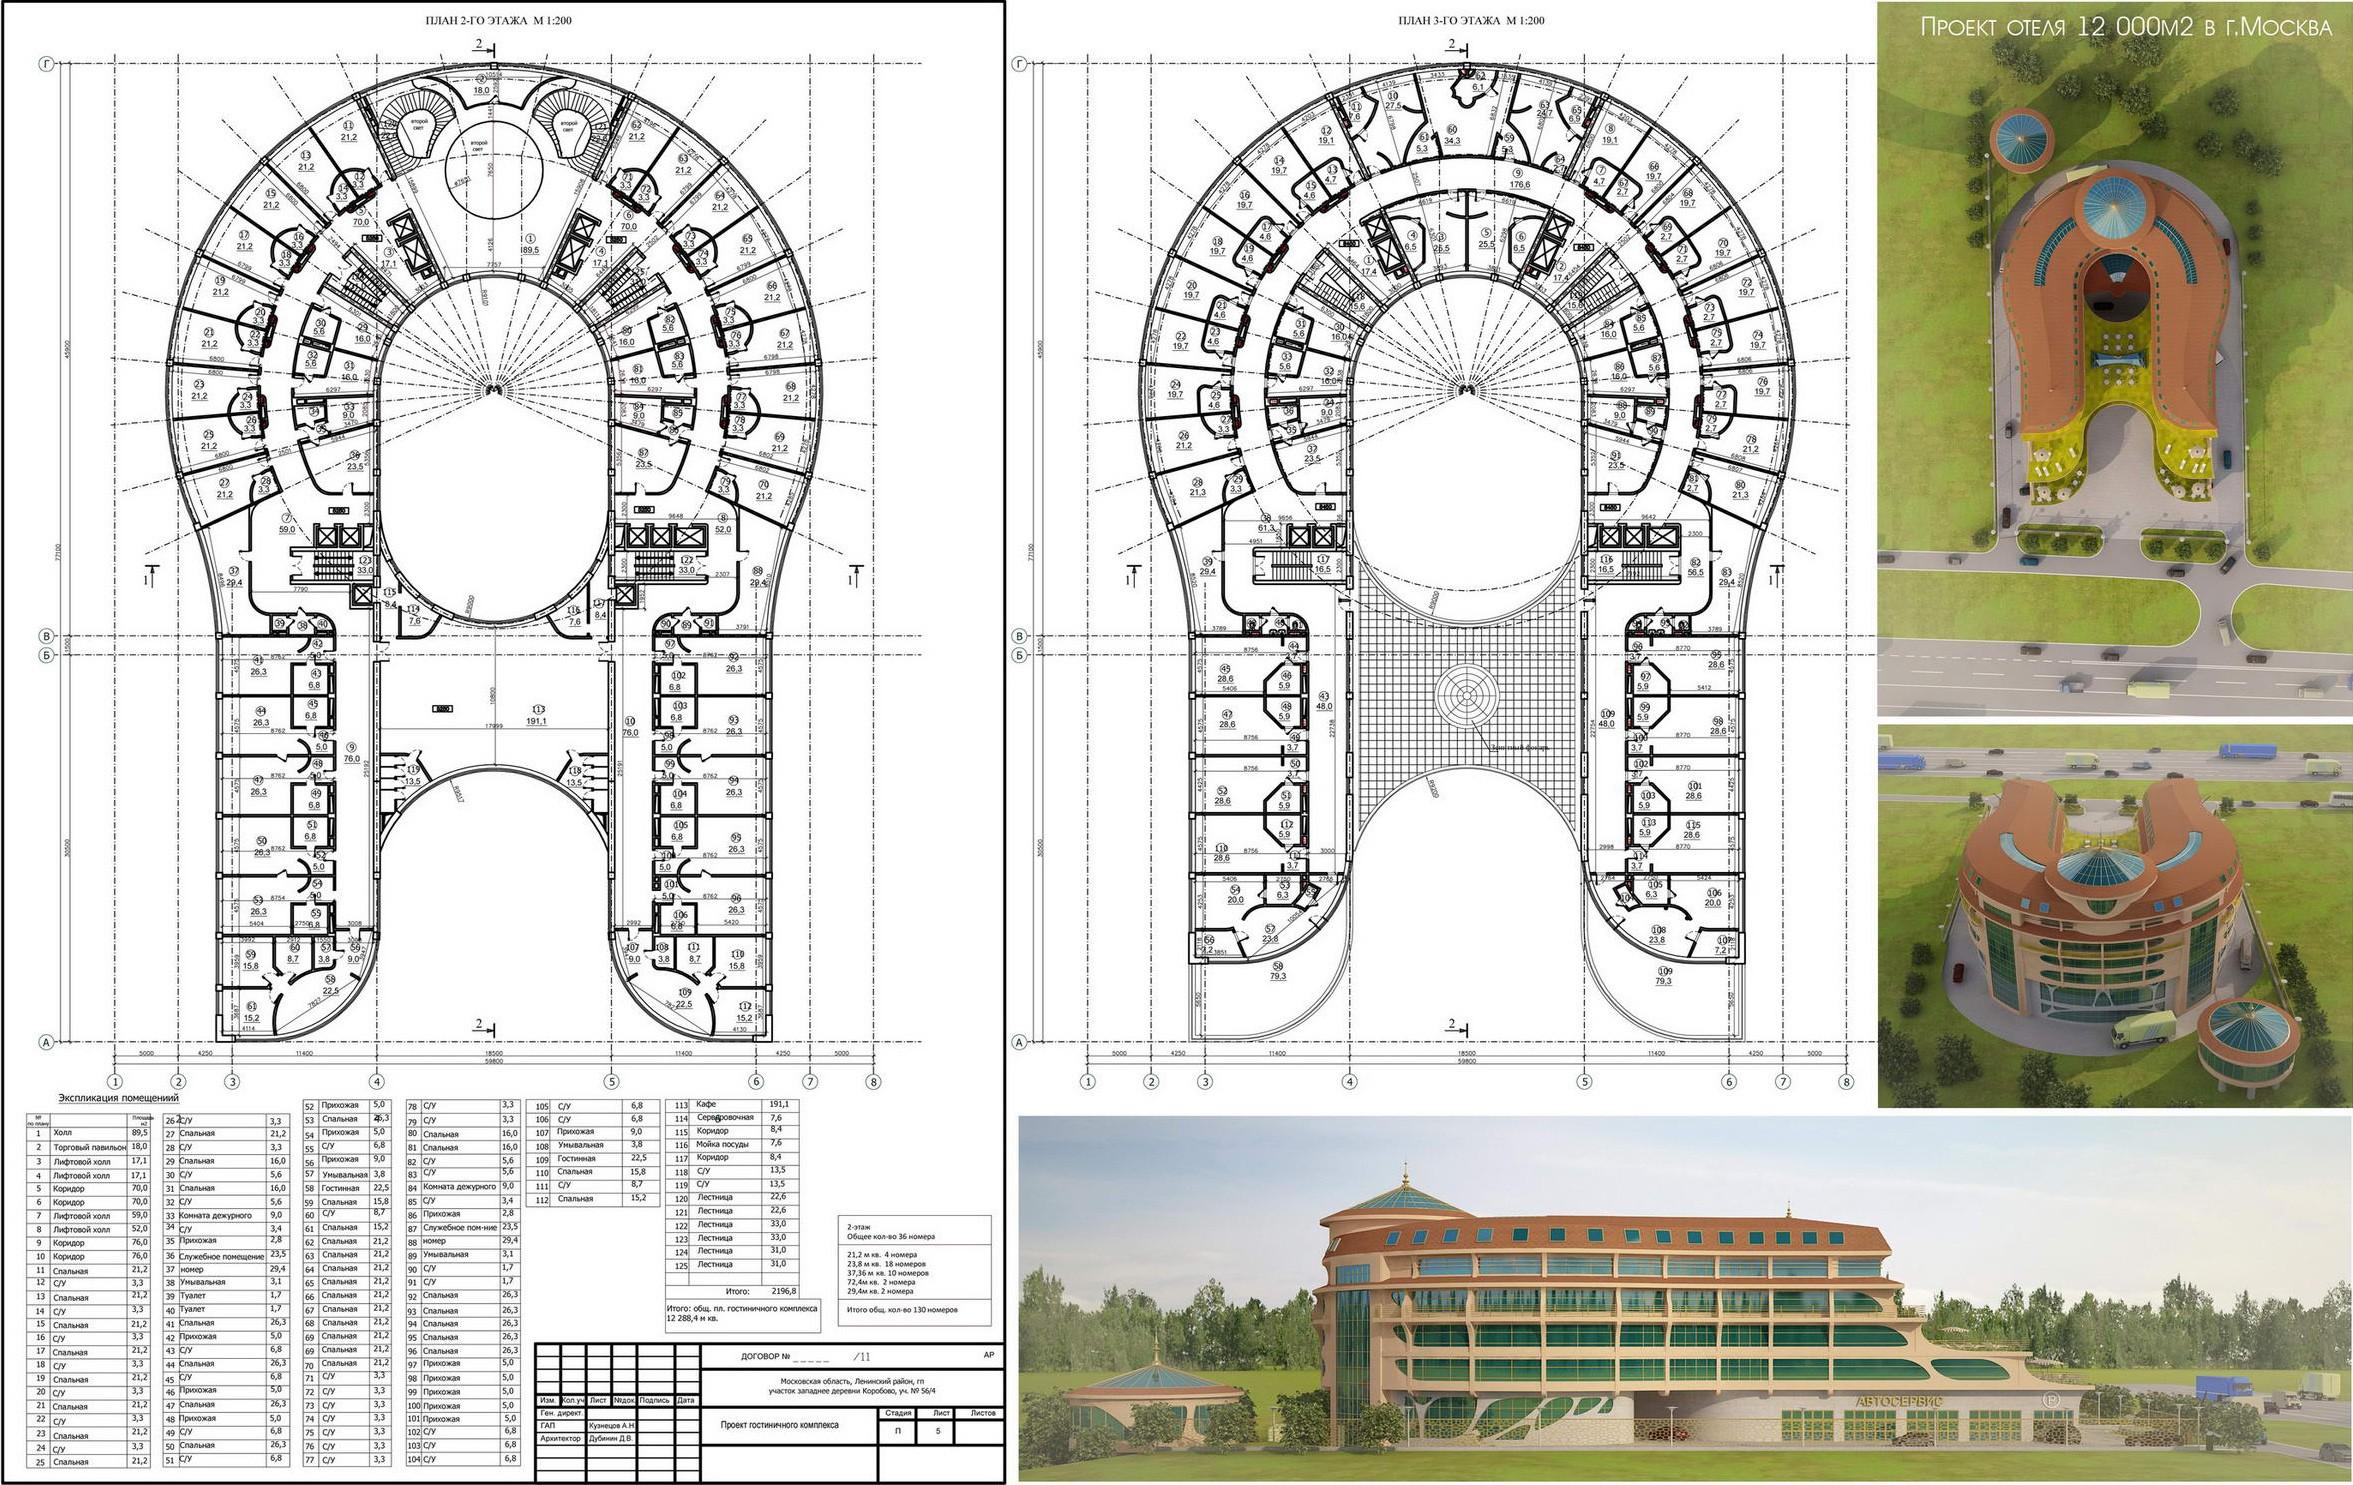 Архитектурная студия «ДГ ПРОЕКТ». Гостиничный комплекс площадью более 12 тысяч м². МО, д. Коробово вблизи аэропорта «Домодедово»